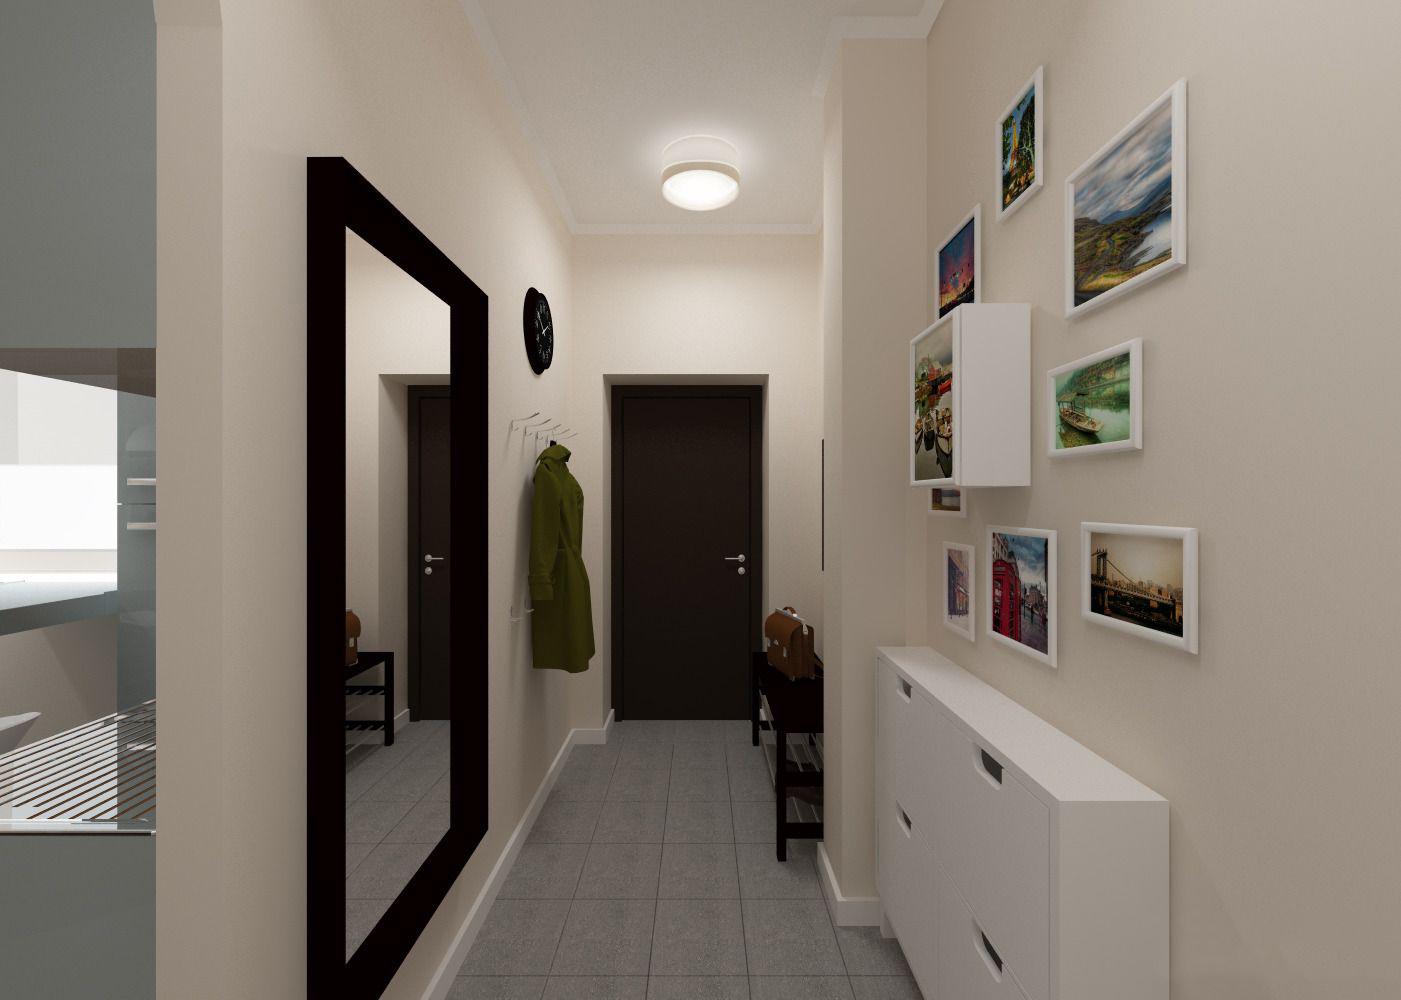 этом сами как украсить узкий коридор в квартире фото имеет